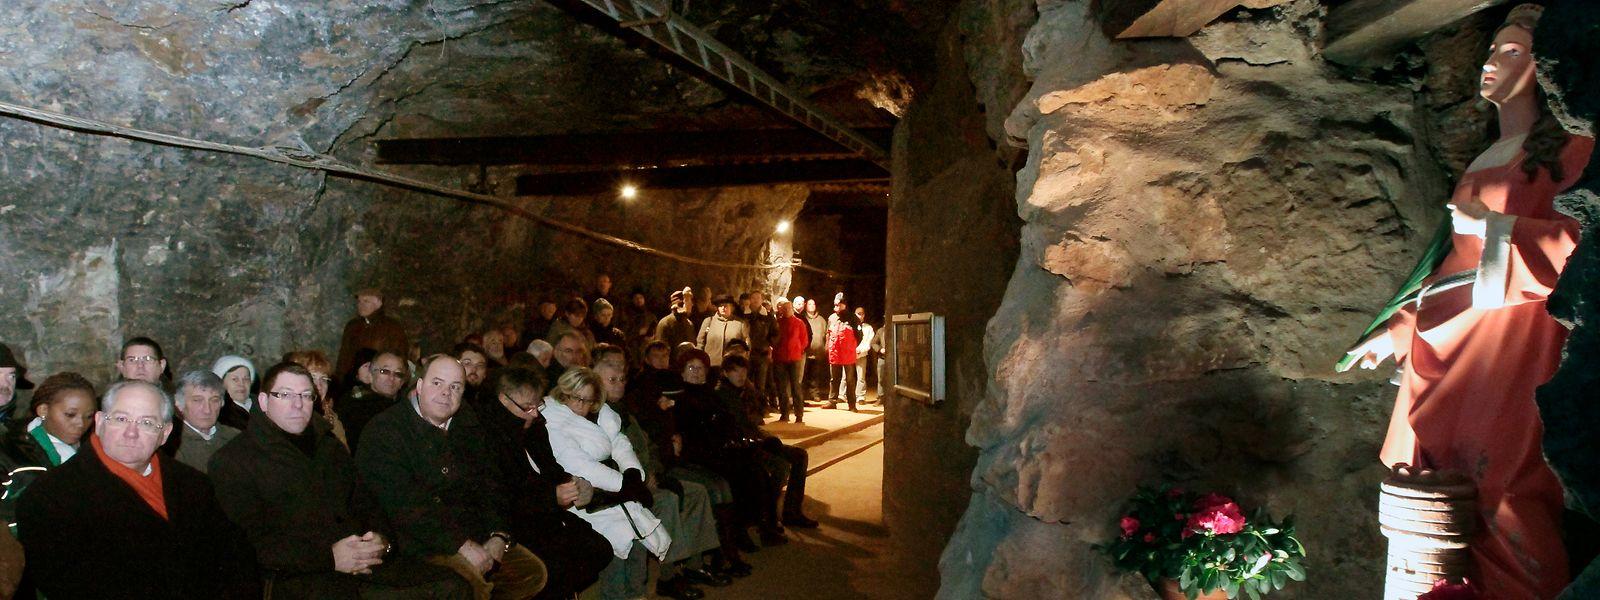 Traditionell findet jedes Jahr am 4. Dezember eine Messe in der Mine statt. Dieses Jahr fällt sie aber wegen der Pandemie aus.